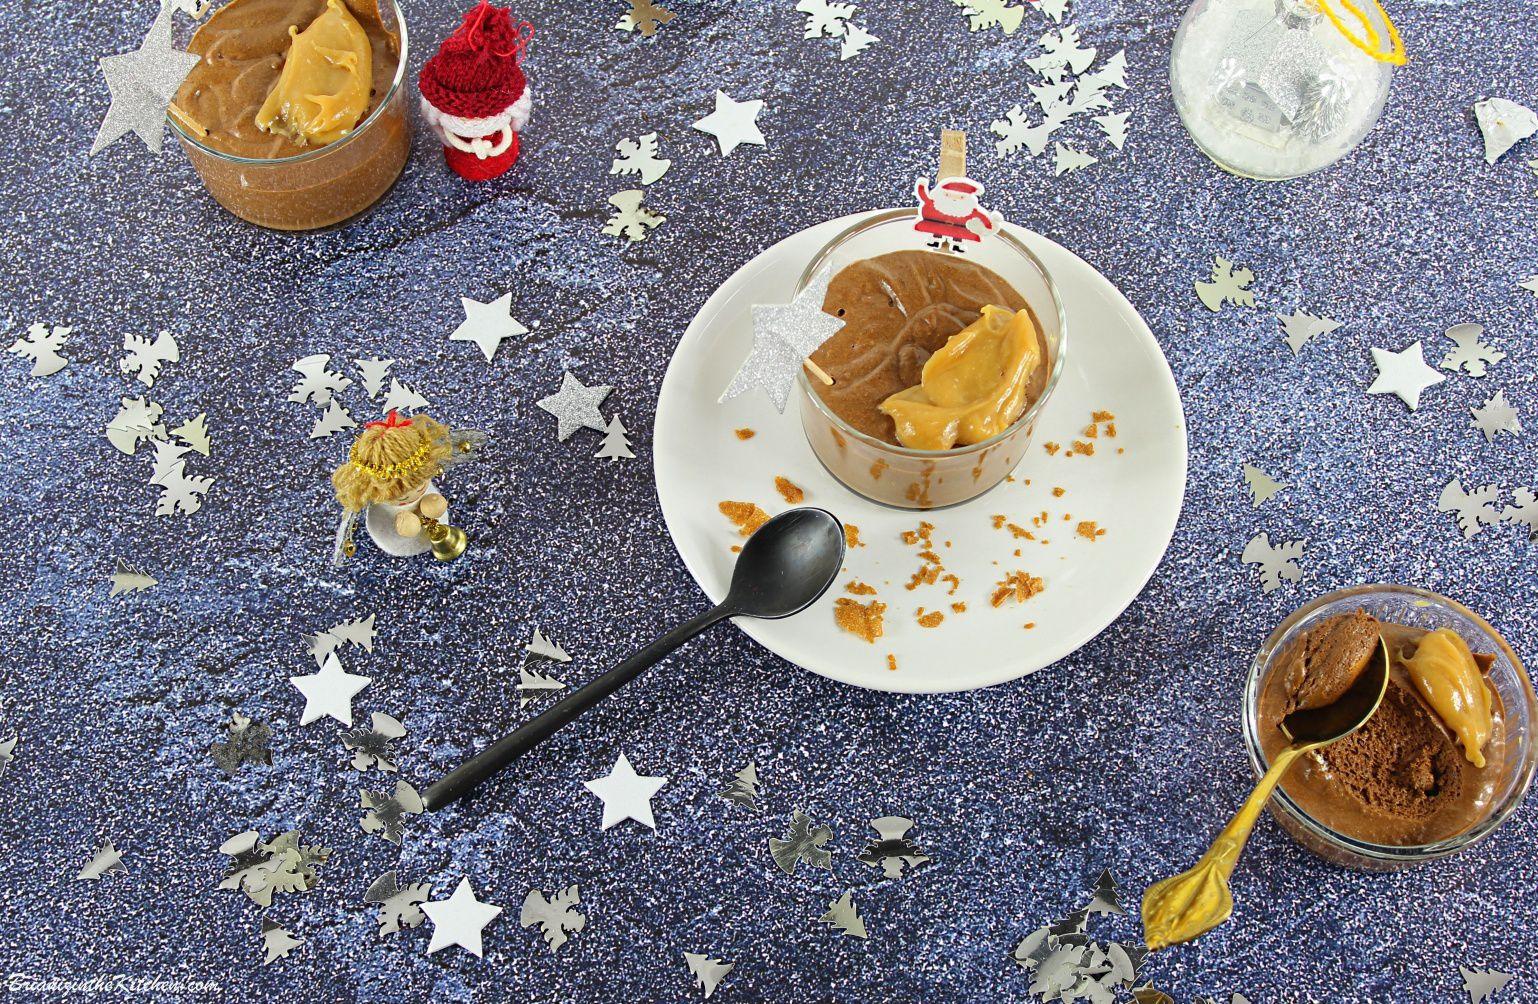 Mousse au Chocolat Express et Caramel au Beurre Salé